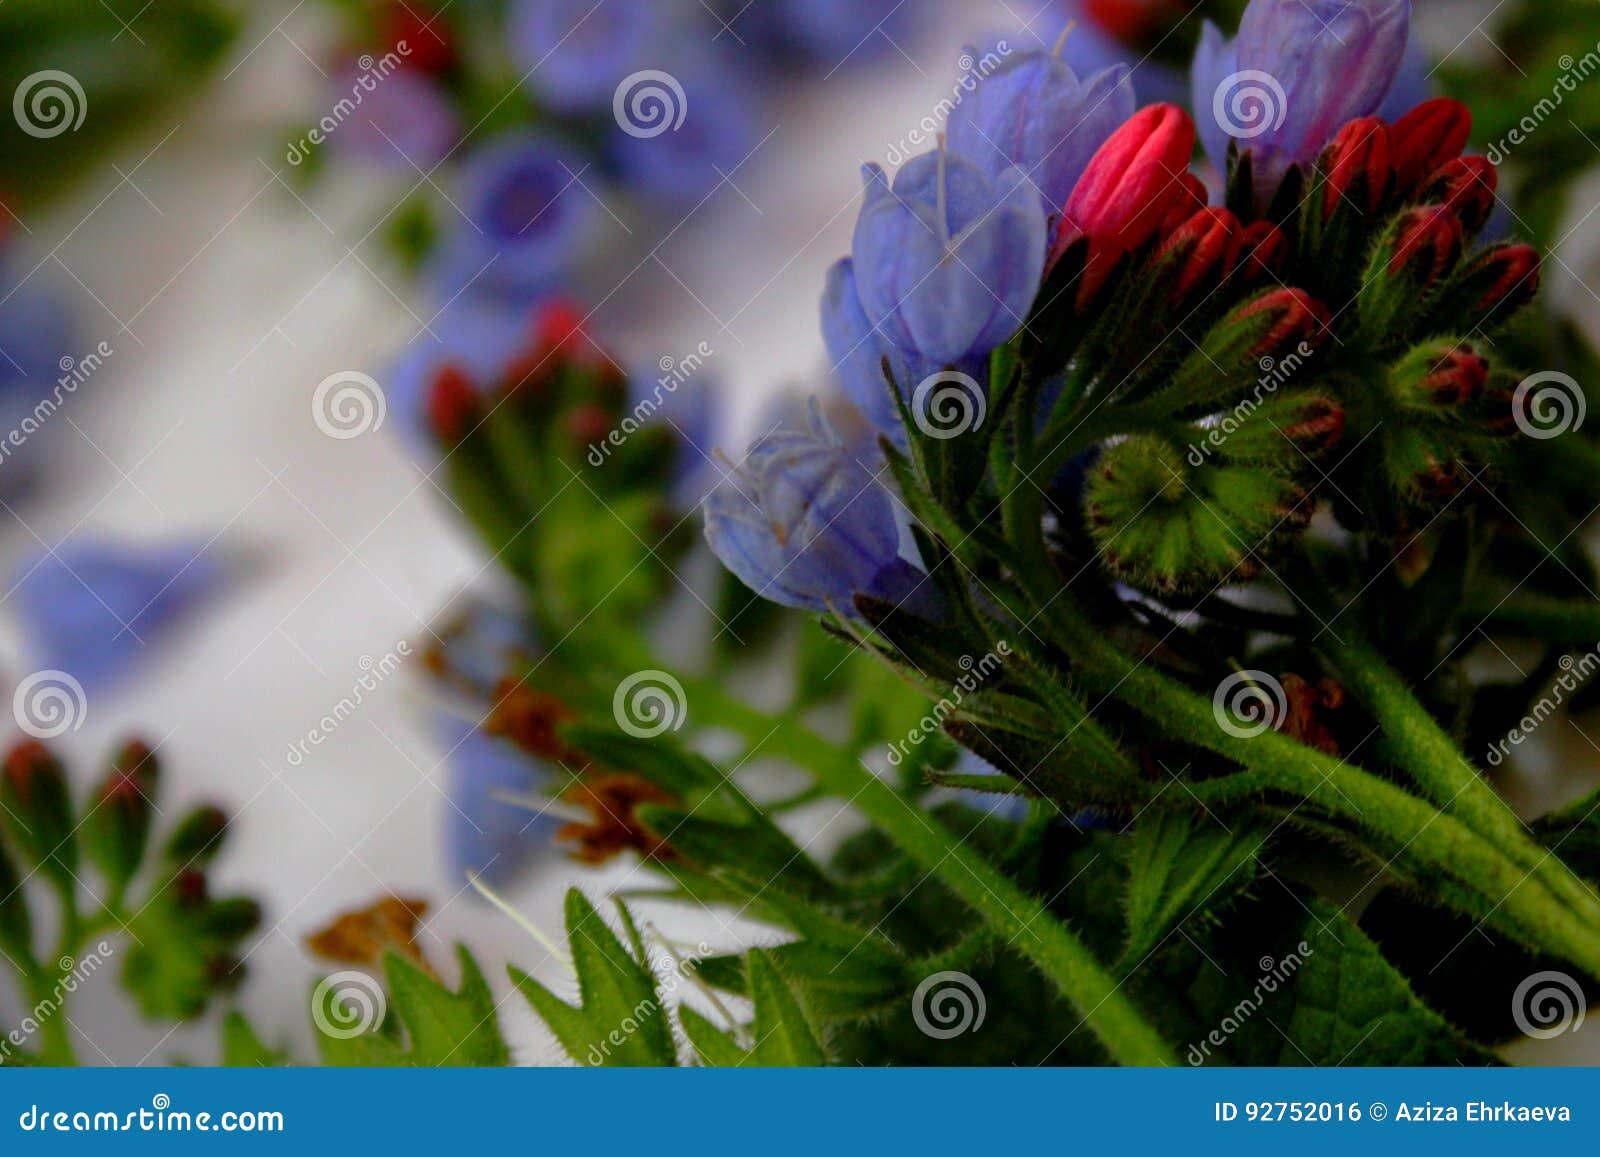 Garten blumen blau  Fotos Von Gartenblumen, Blaue Glocken Stockfoto - Bild von abbildung ...